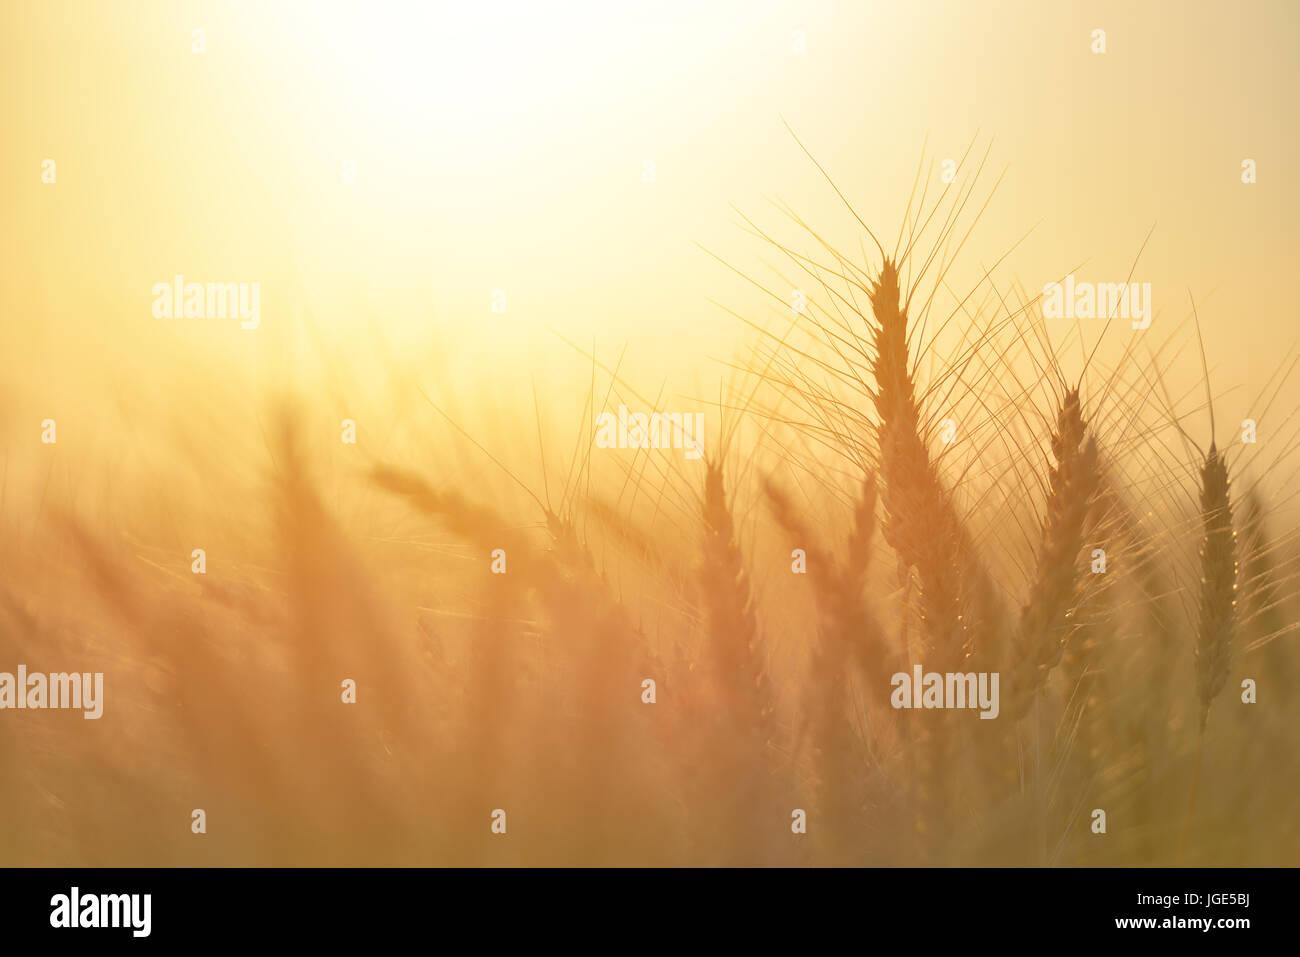 Campo di grano. spighe di grano dorato vicino. bellissima natura tramonto paesaggio paesaggio rurale sotto la luce del sole splendente. sfondo di orecchie di maturazione di me Foto Stock